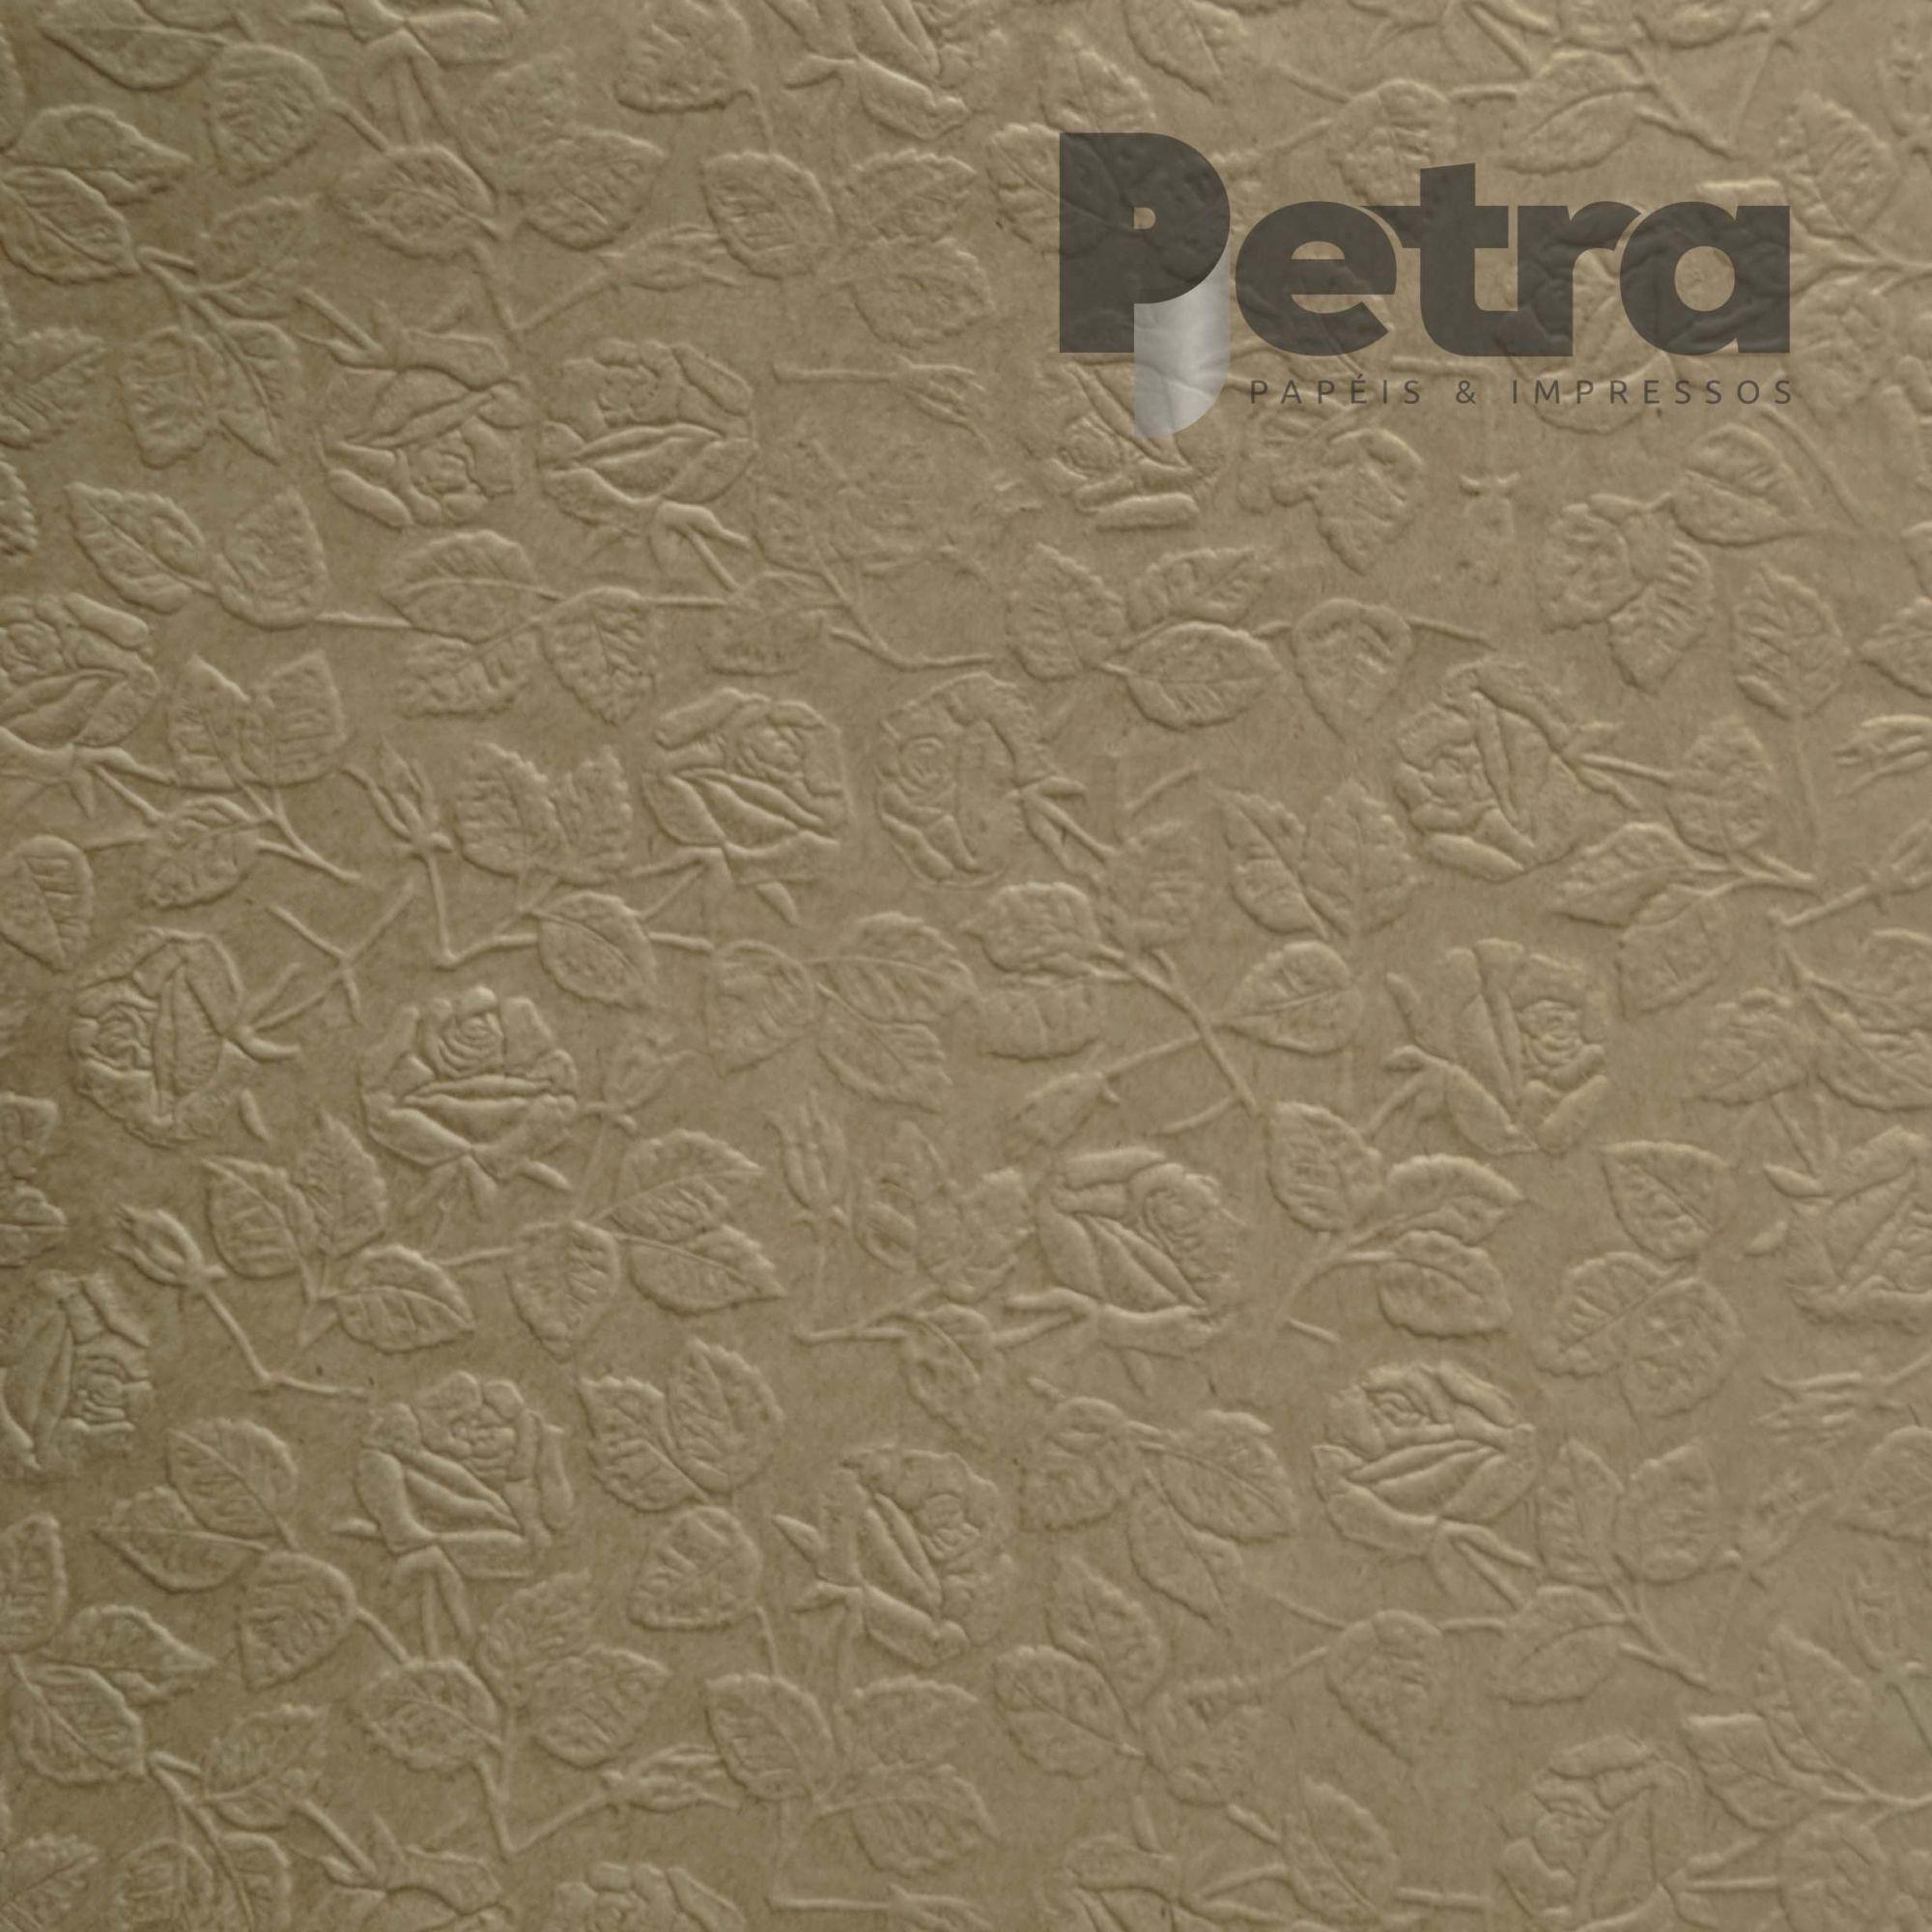 Papel Kraft com textura de Rosas - 300g/m2 - Tamanho 30,5x30,5cm - 6 Folhas